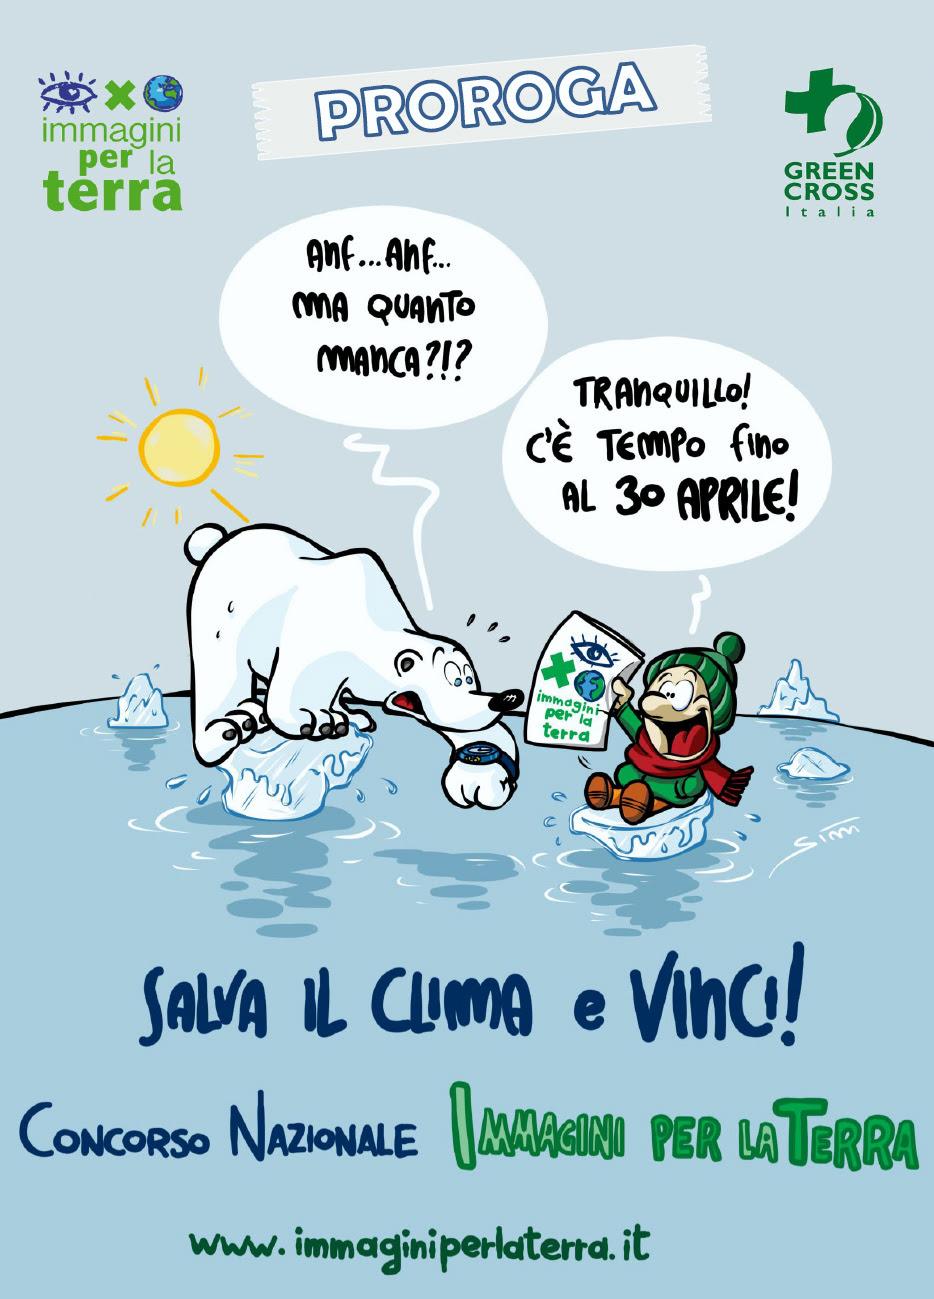 Green Cross Italia - Newsletter